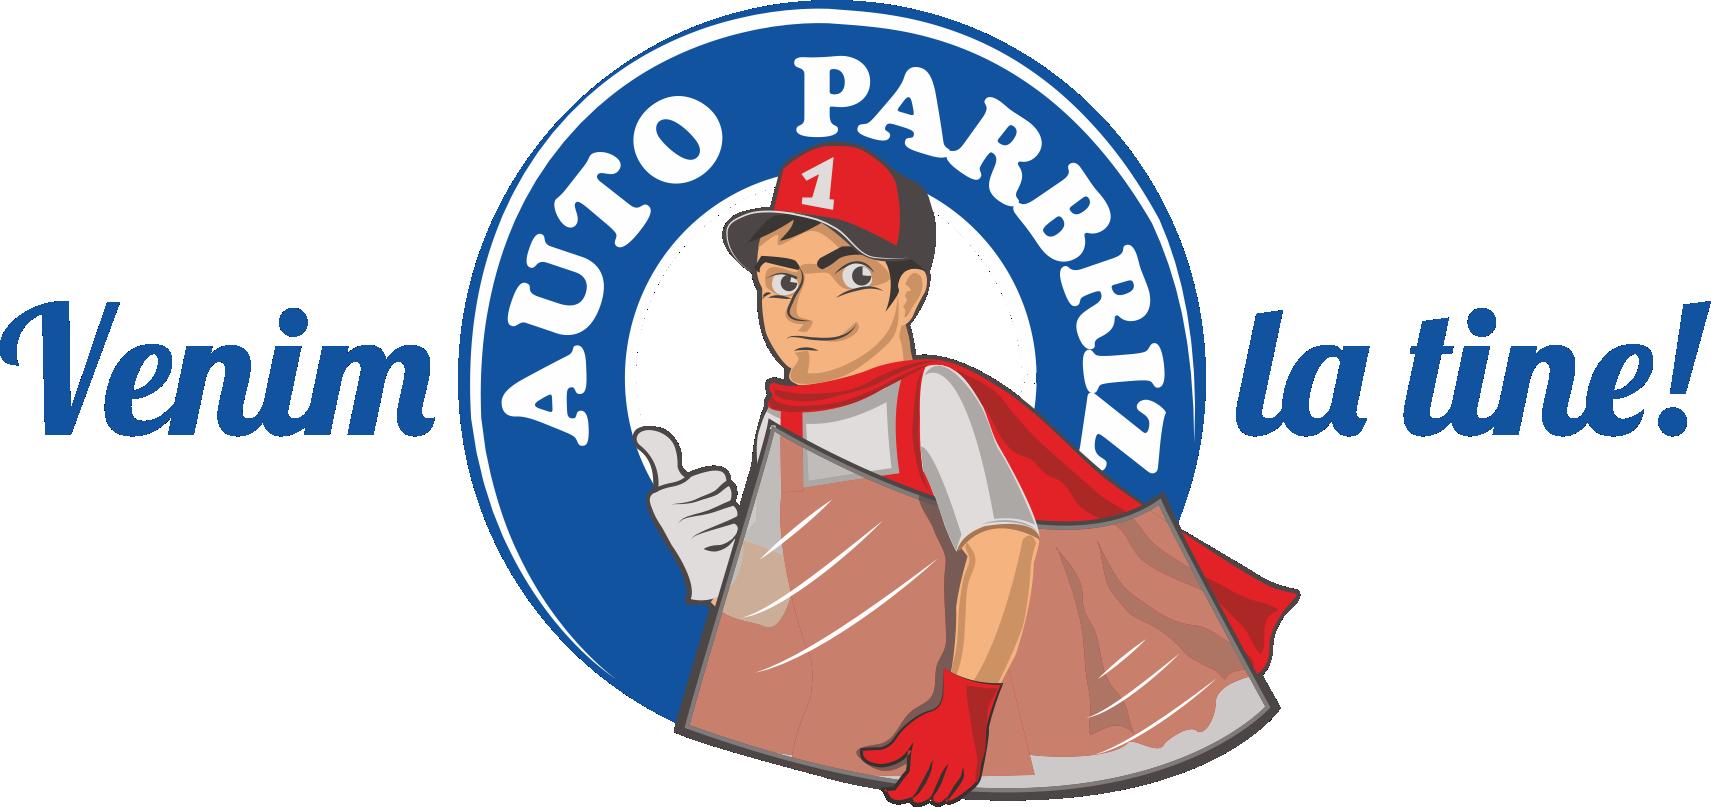 https://www.autoparbriz.ro/wp-content/uploads/2020/02/logo-autoparbriz-nou.png 2x